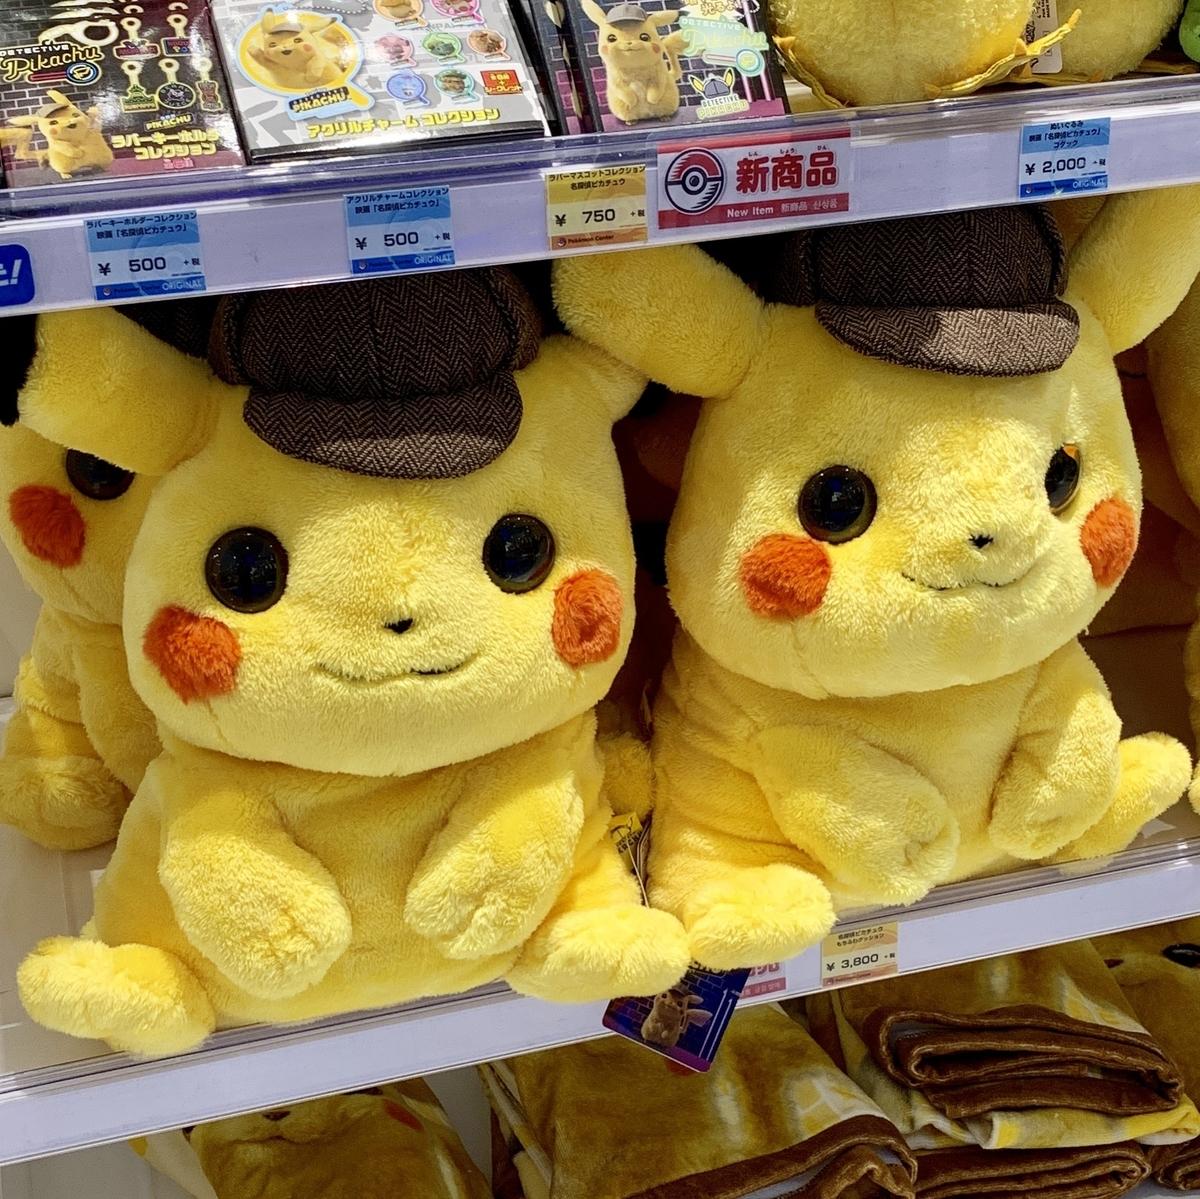 f:id:pikachu_pcn:20190518211926j:plain